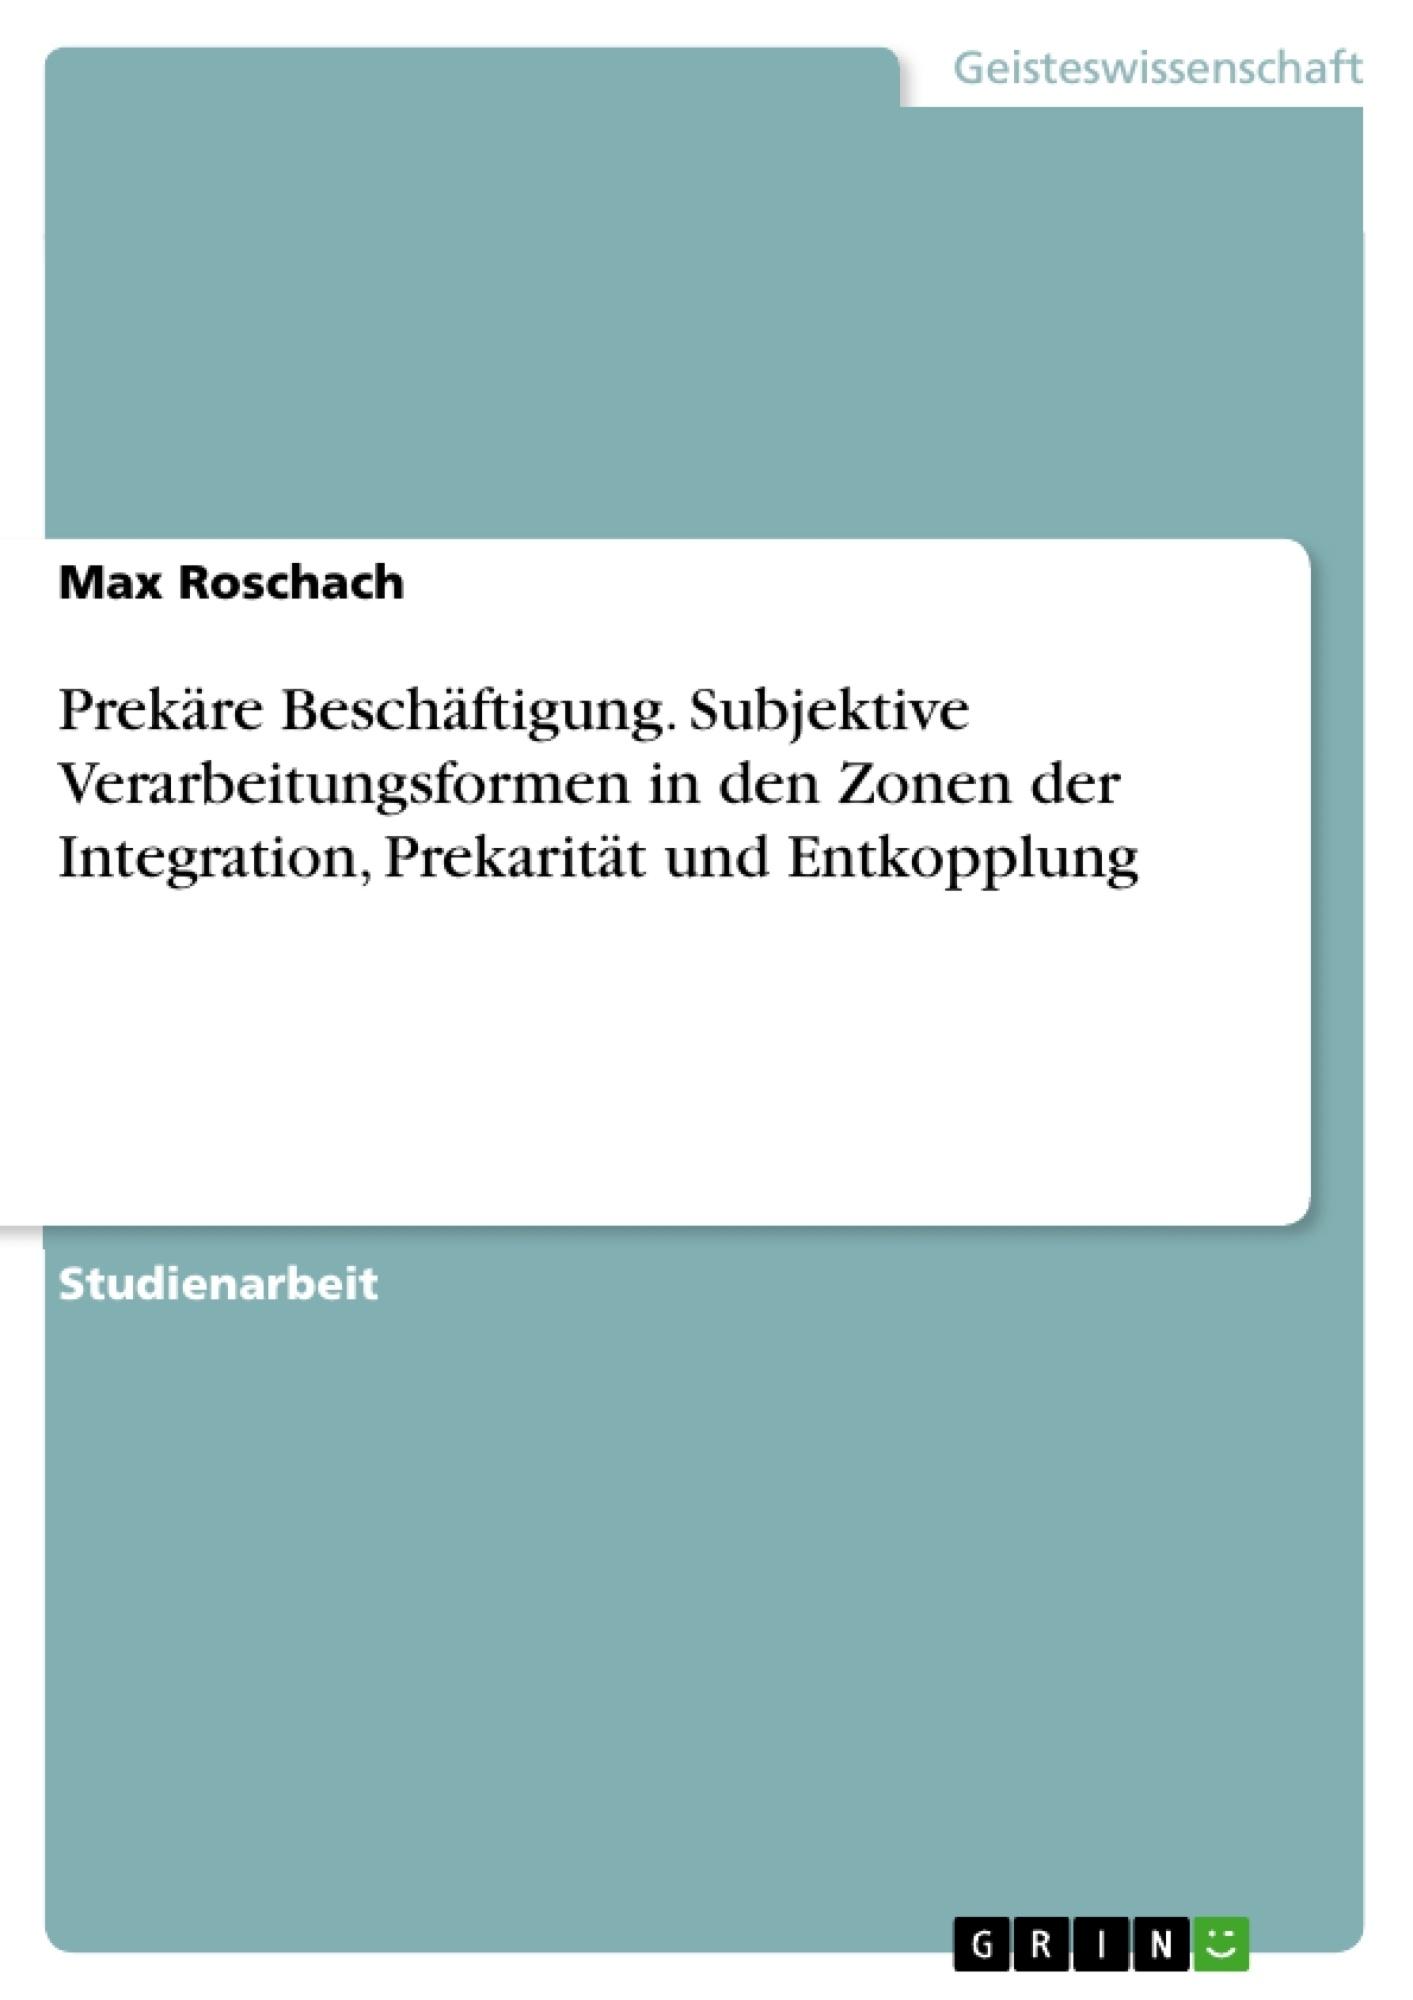 Titel: Prekäre Beschäftigung. Subjektive Verarbeitungsformen in den Zonen der Integration, Prekarität und Entkopplung